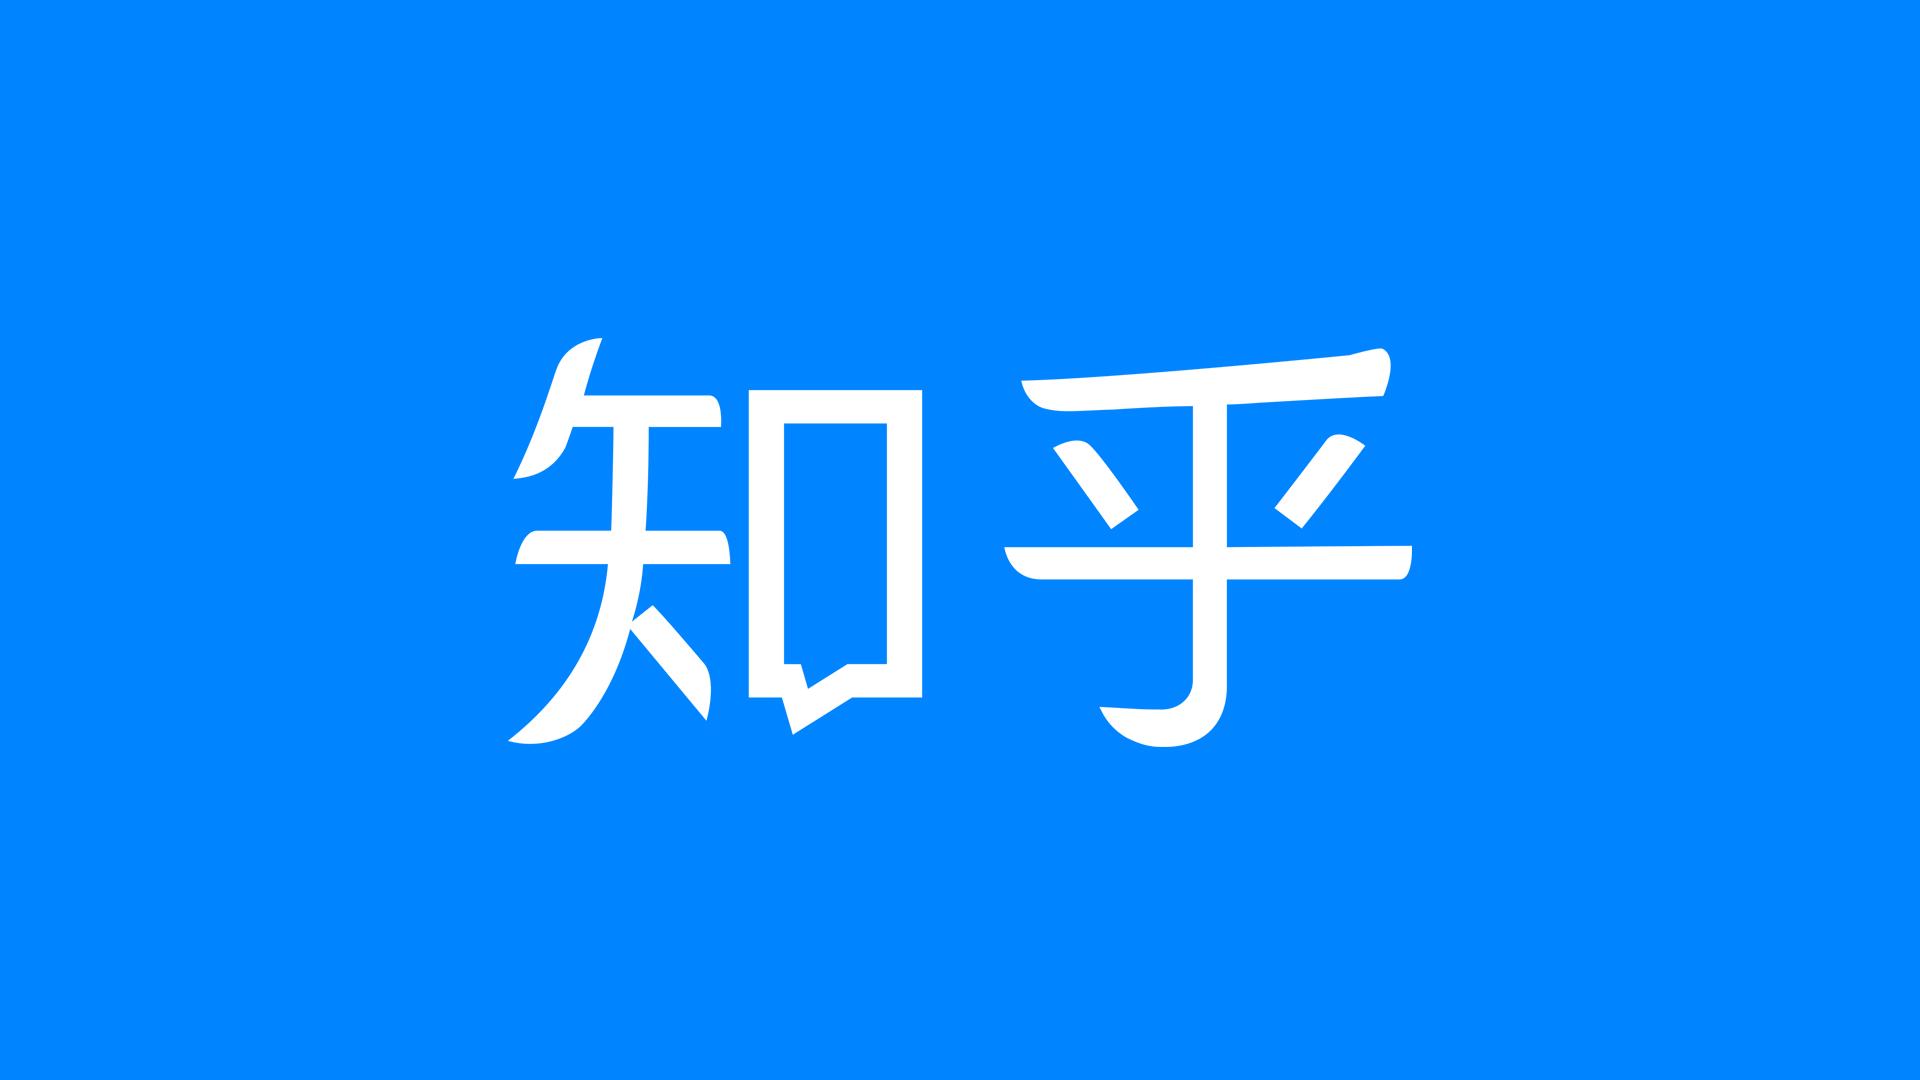 知乎设计五款新的品牌形象Logo方案征集网友意见-深圳VI设计